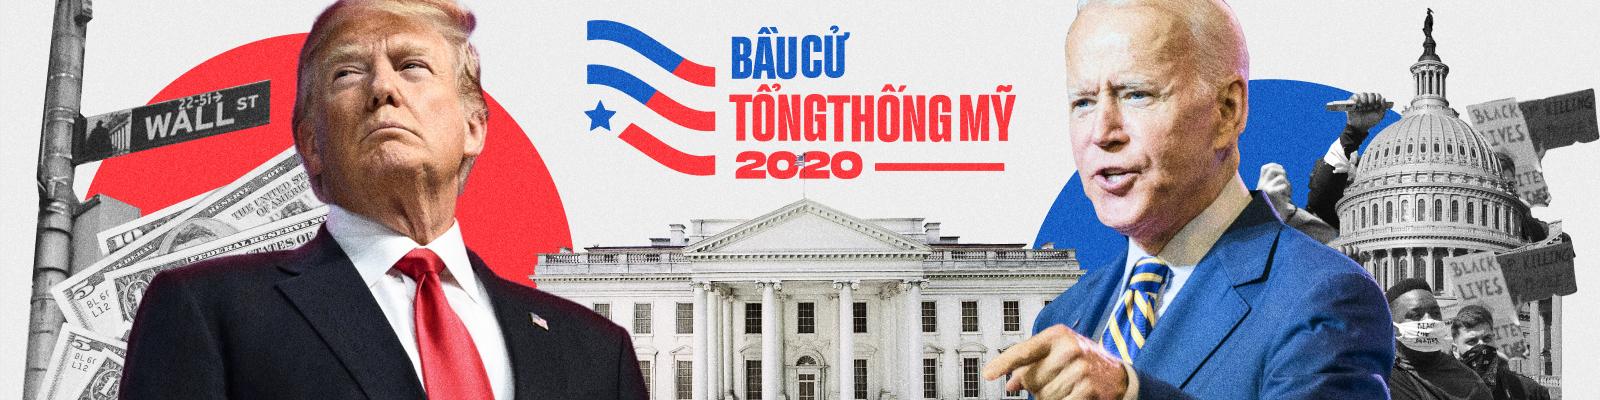 Chuyên trang bầu cử tổng thống Mỹ 2020